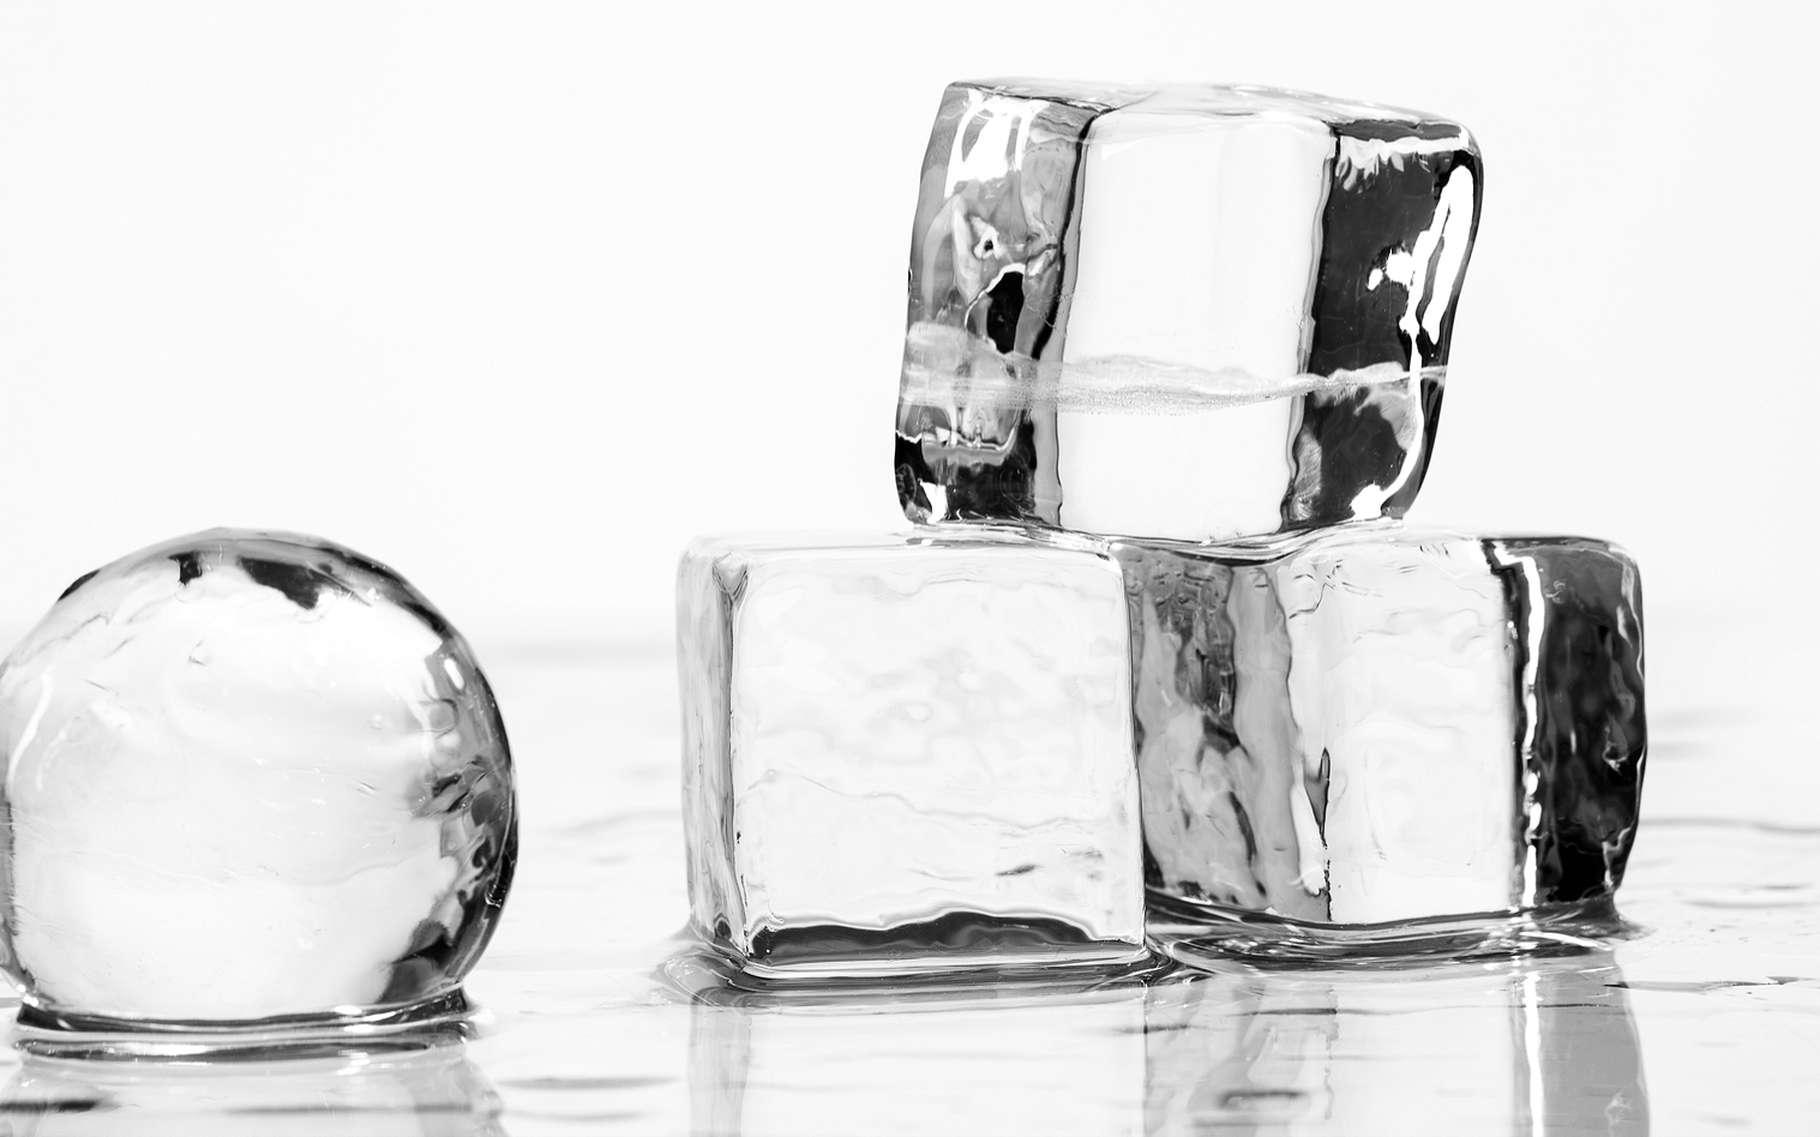 Lorsqu'elle est confinée dans des nanotubes de carbone, des sortes de pailles extrêmement fines, l'eau passe à l'état solide au-delà de 100 °C! © Allgord, Shutterstock